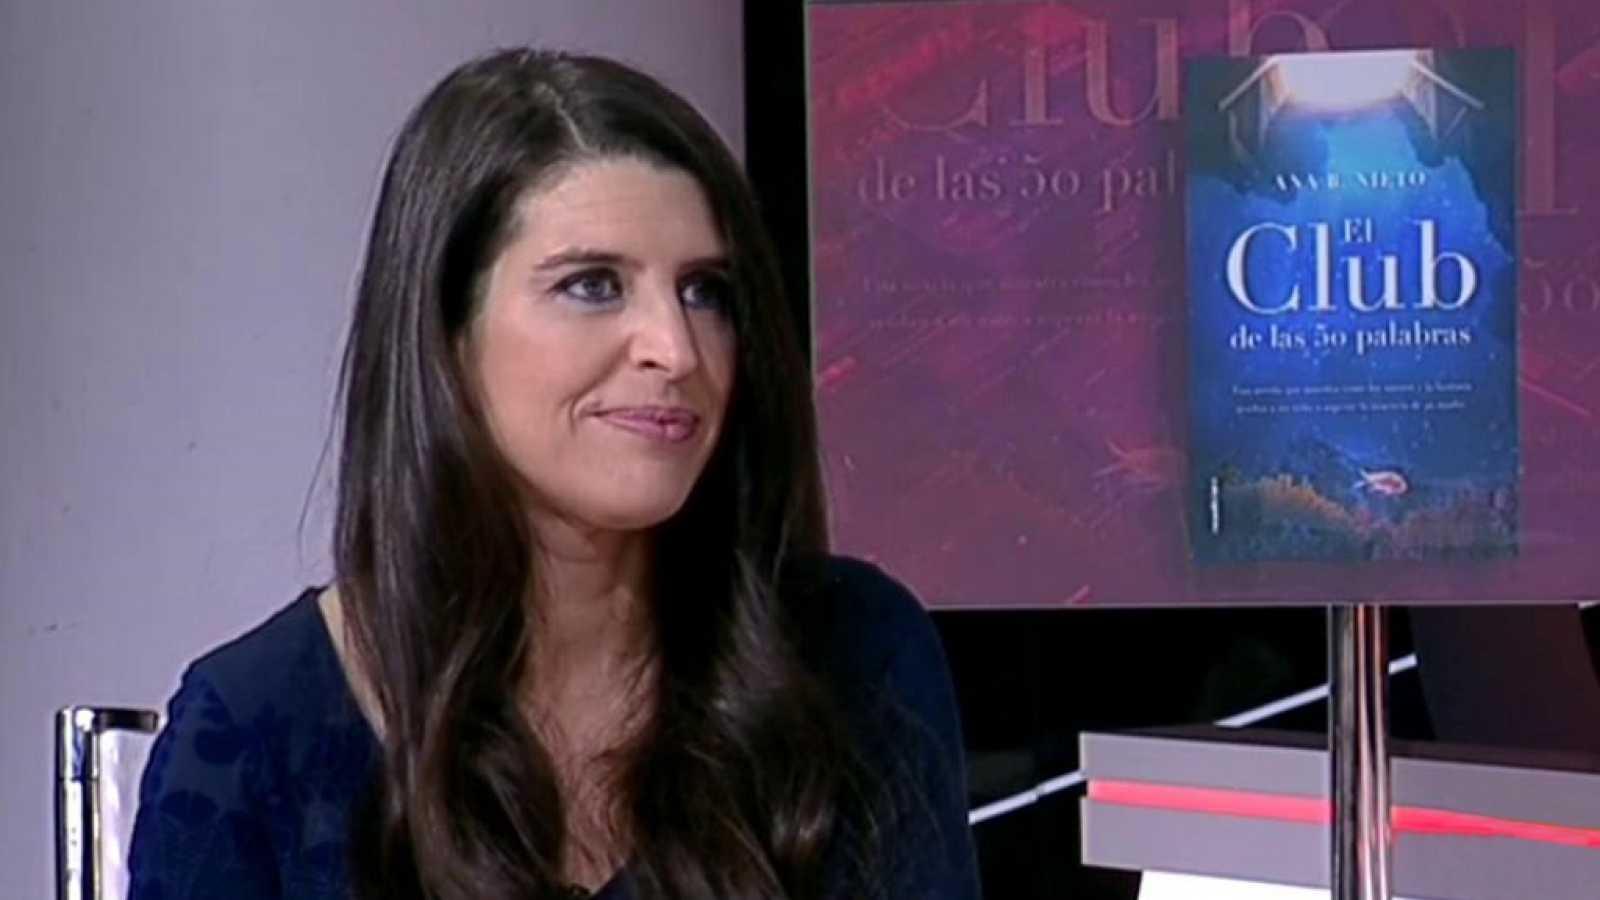 La tarde en 24 horas - La Barra - Libros - 06/02/19 - ver ahora